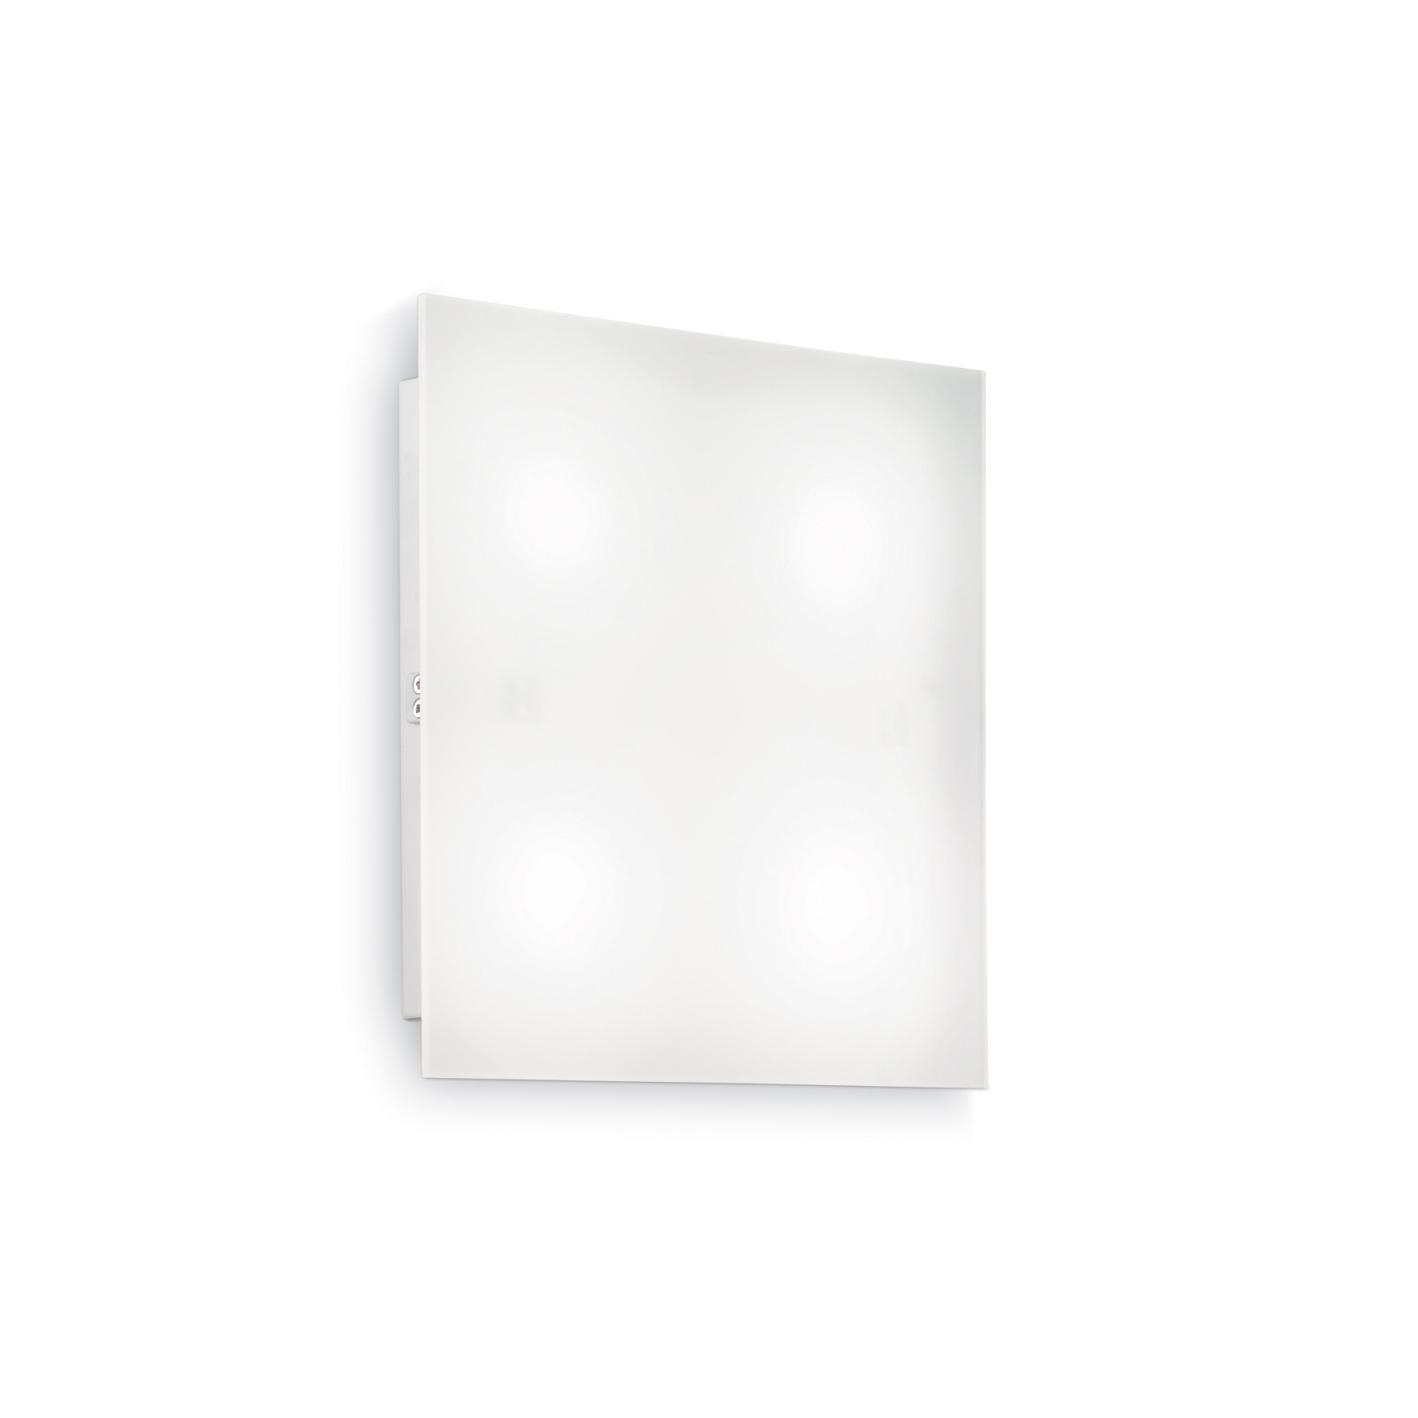 Ideal Lux IL 134895 FLAT PL4 svítidlo + 3 roky záruka ZDARMA!